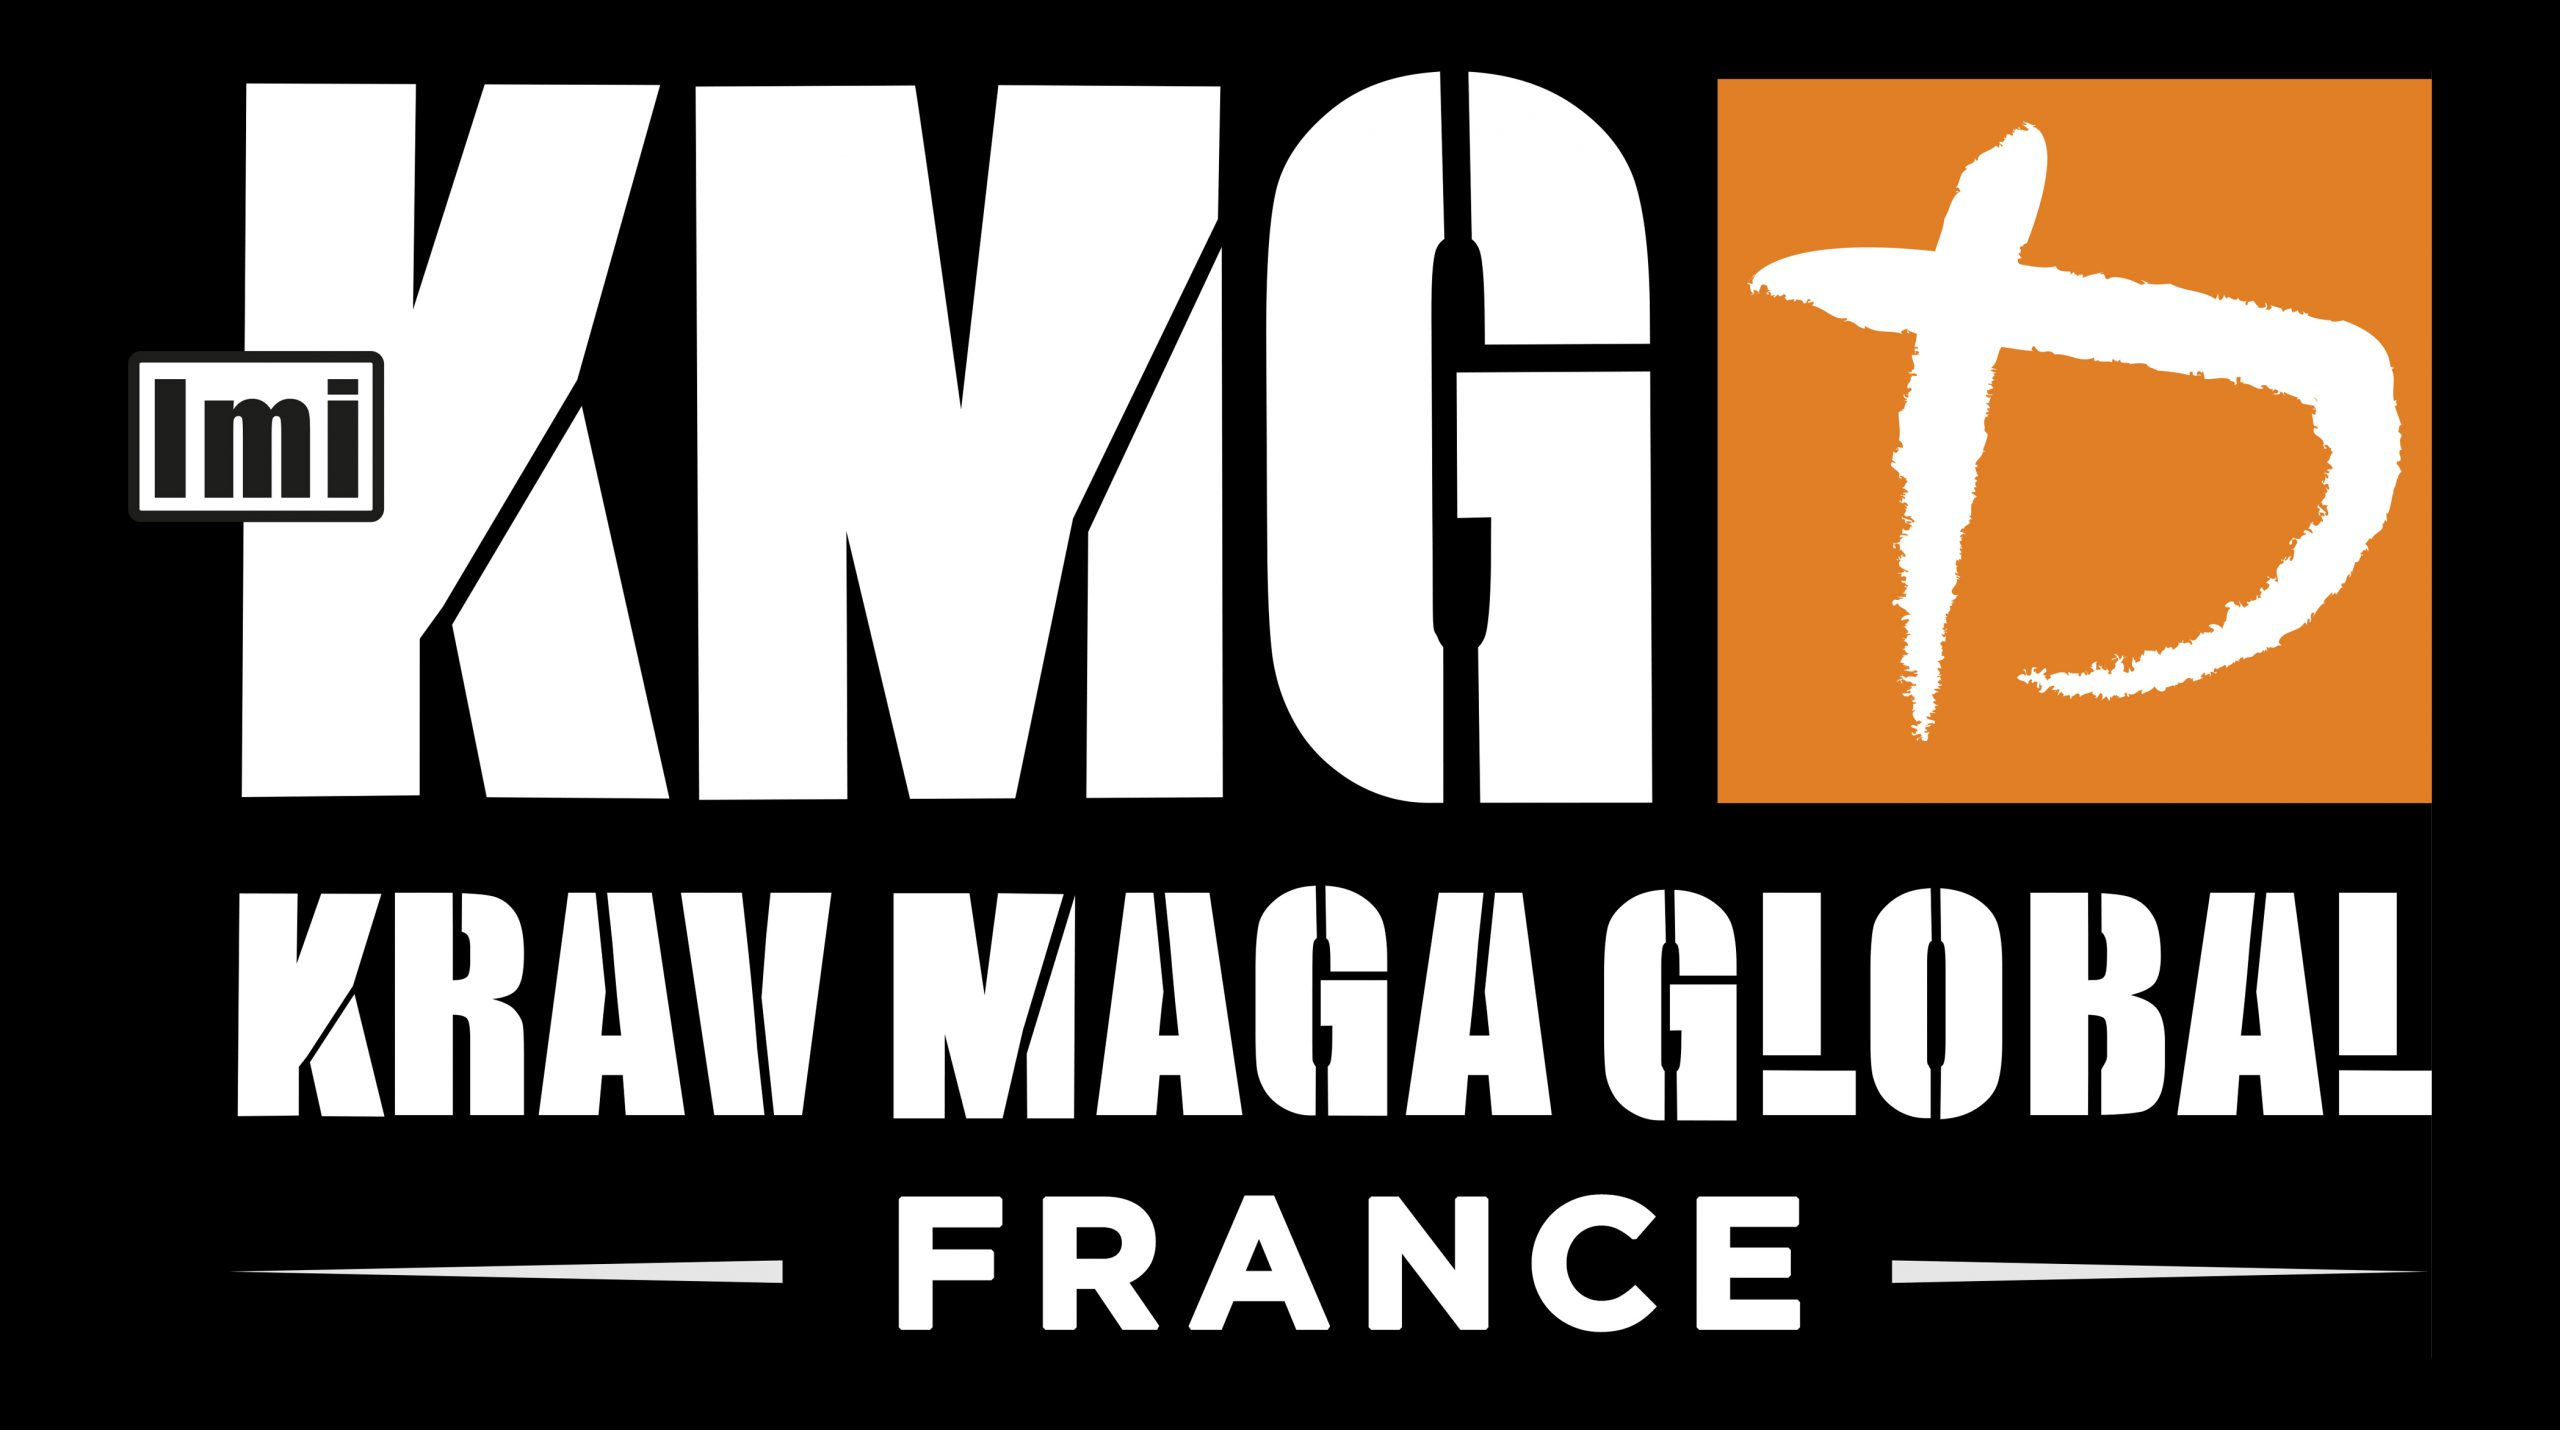 Krav Maga Global France